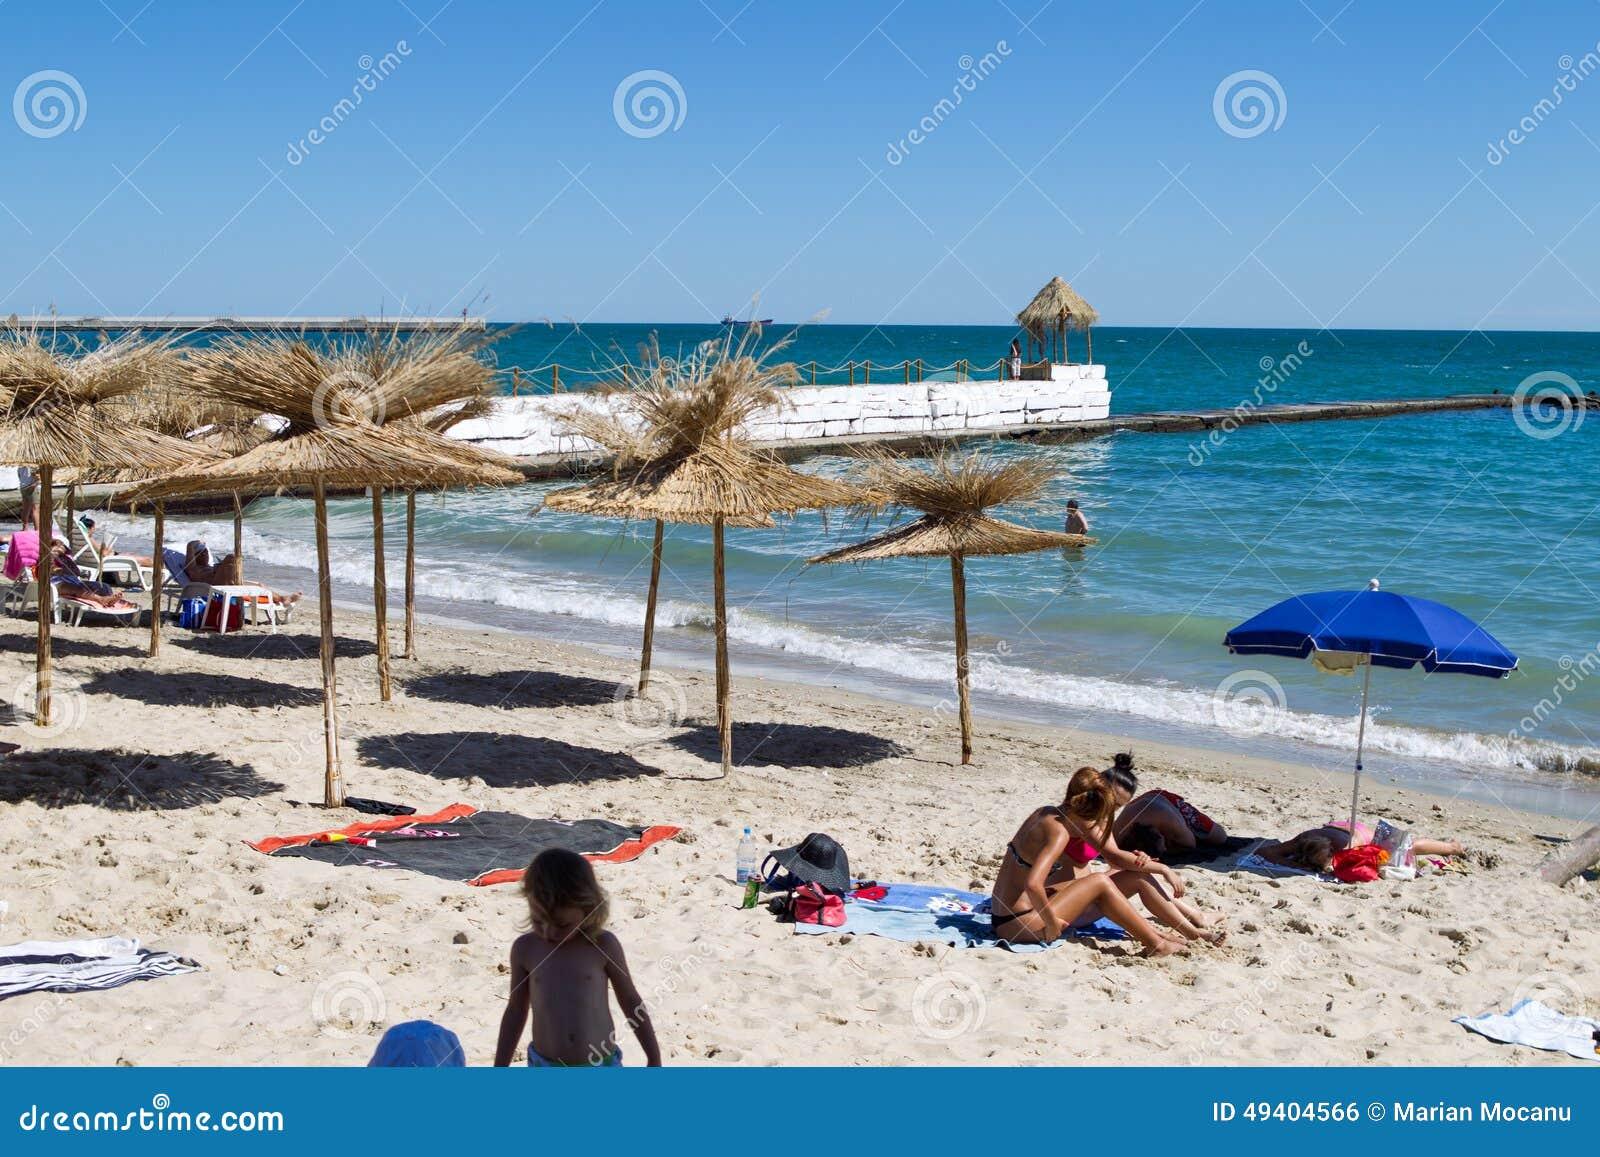 Download Strand in Balchik redaktionelles foto. Bild von europa - 49404566